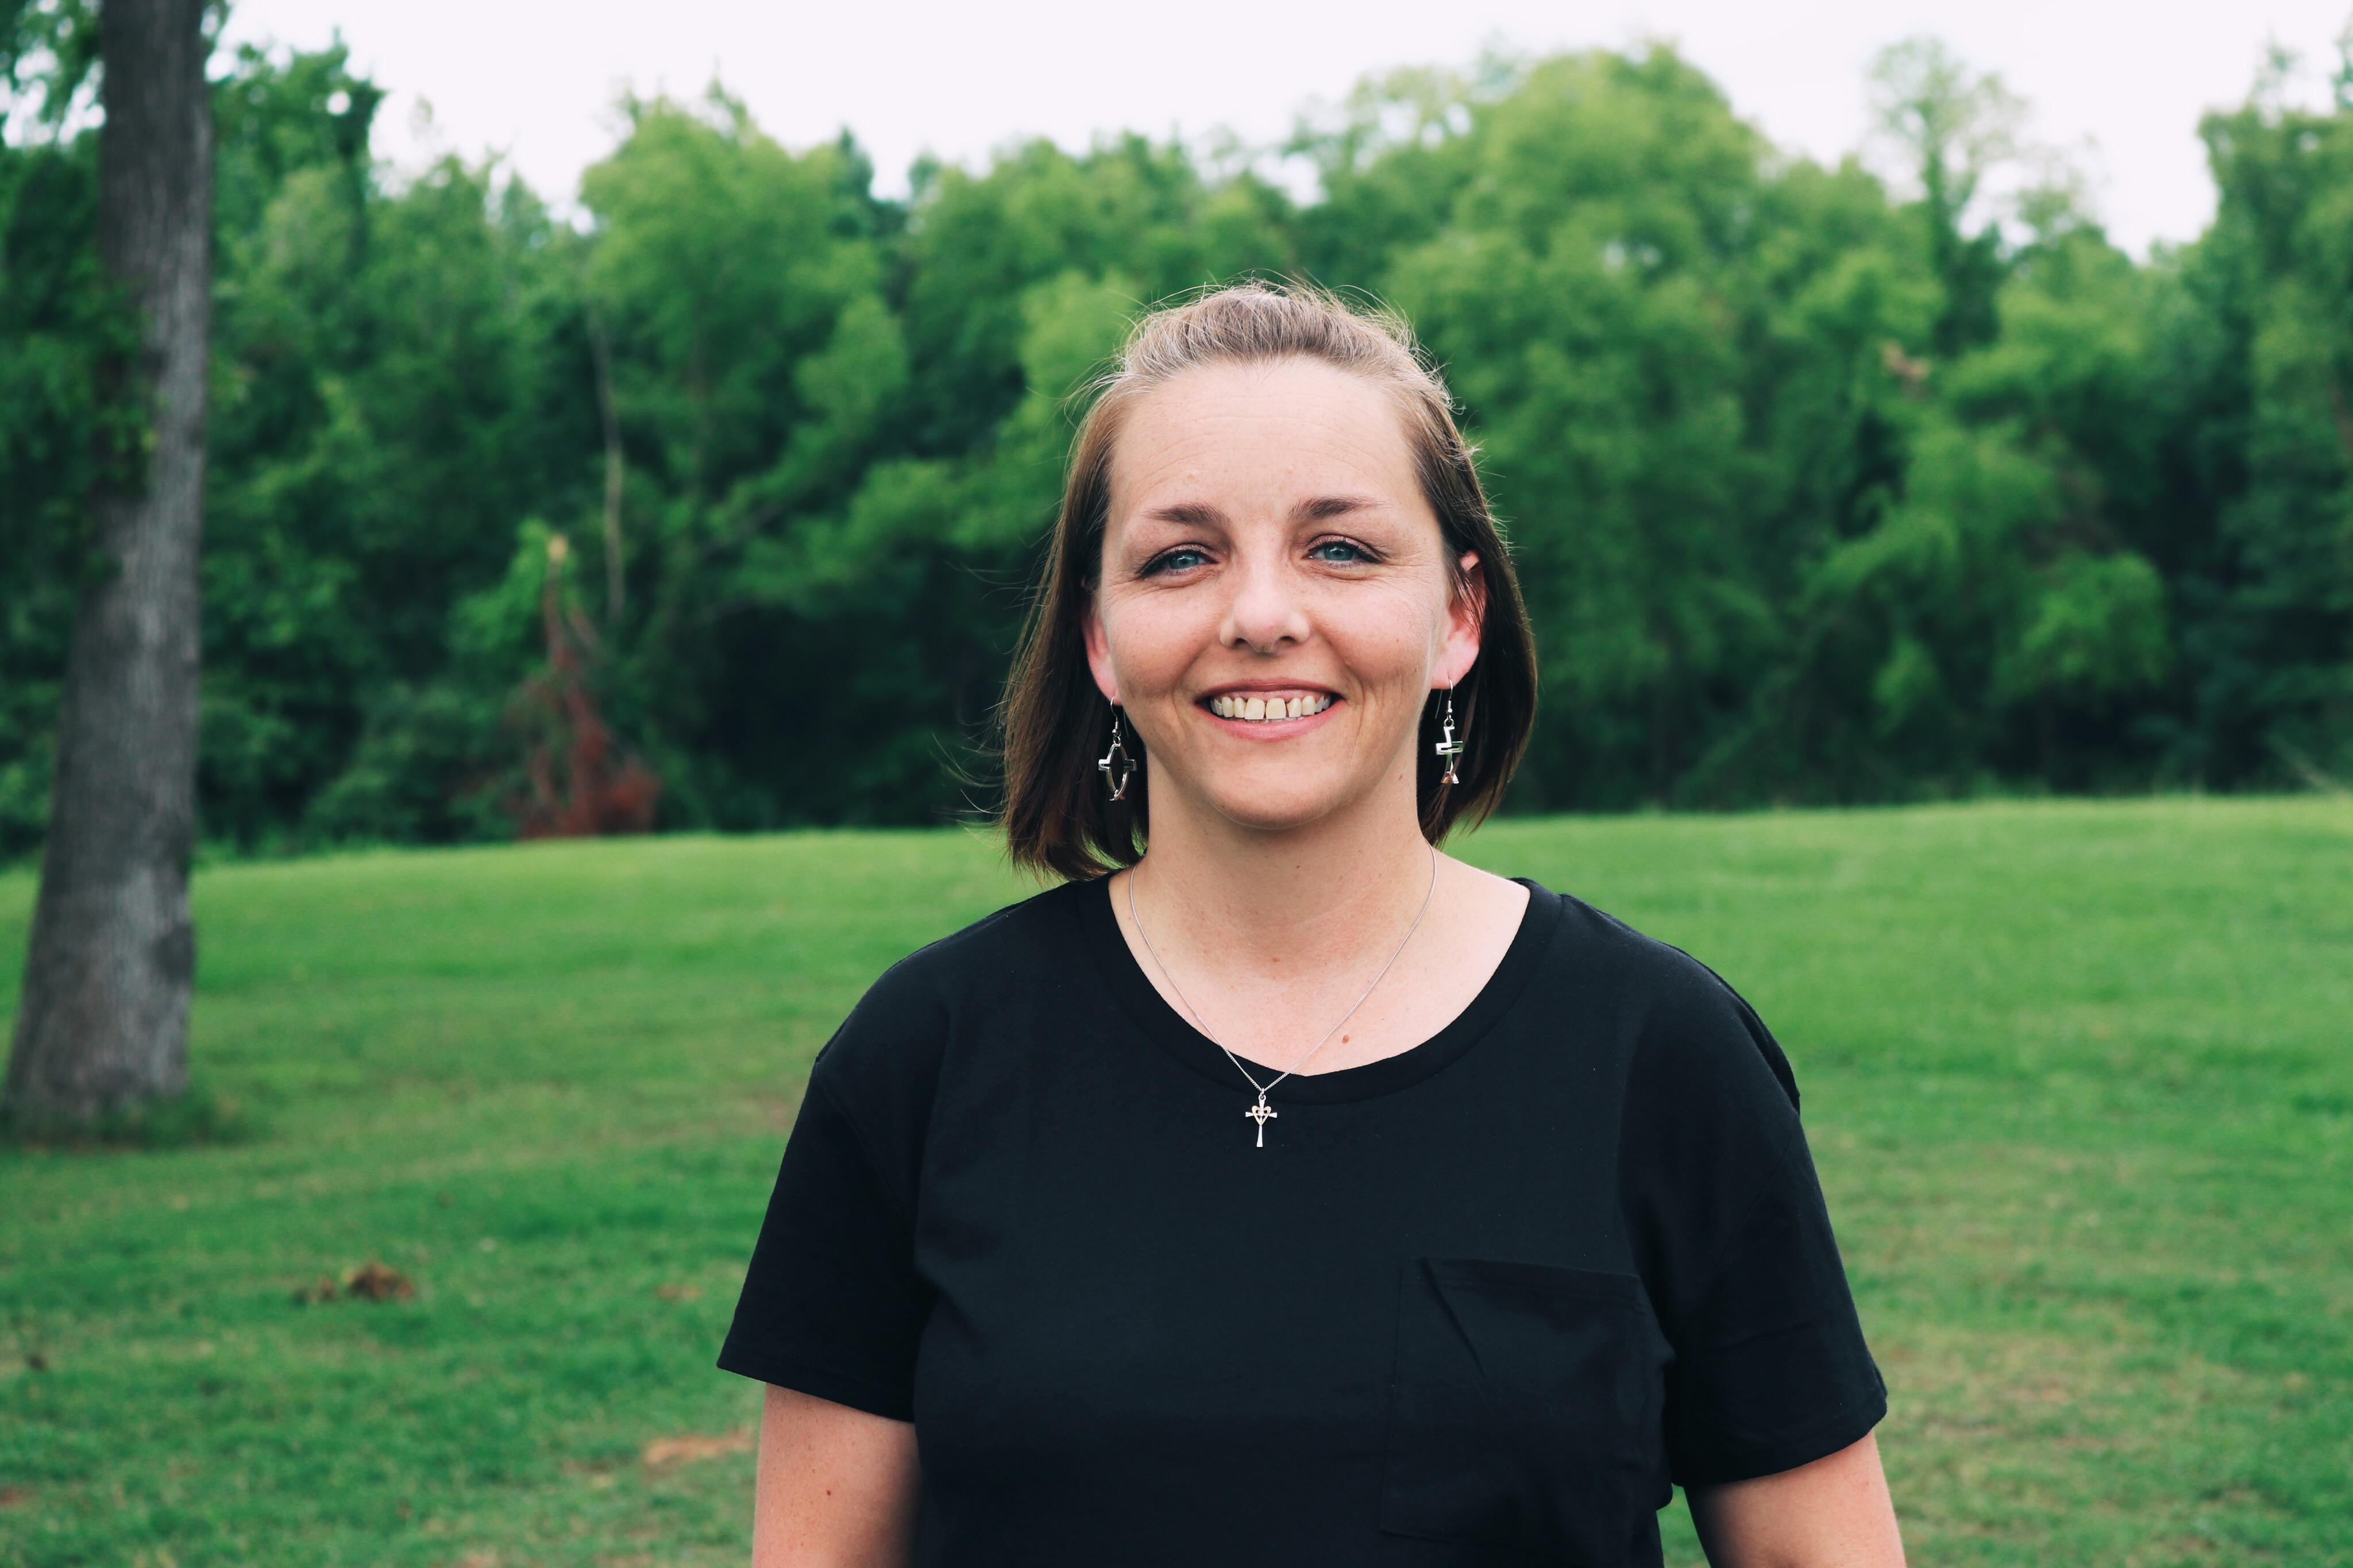 Tara Thompson